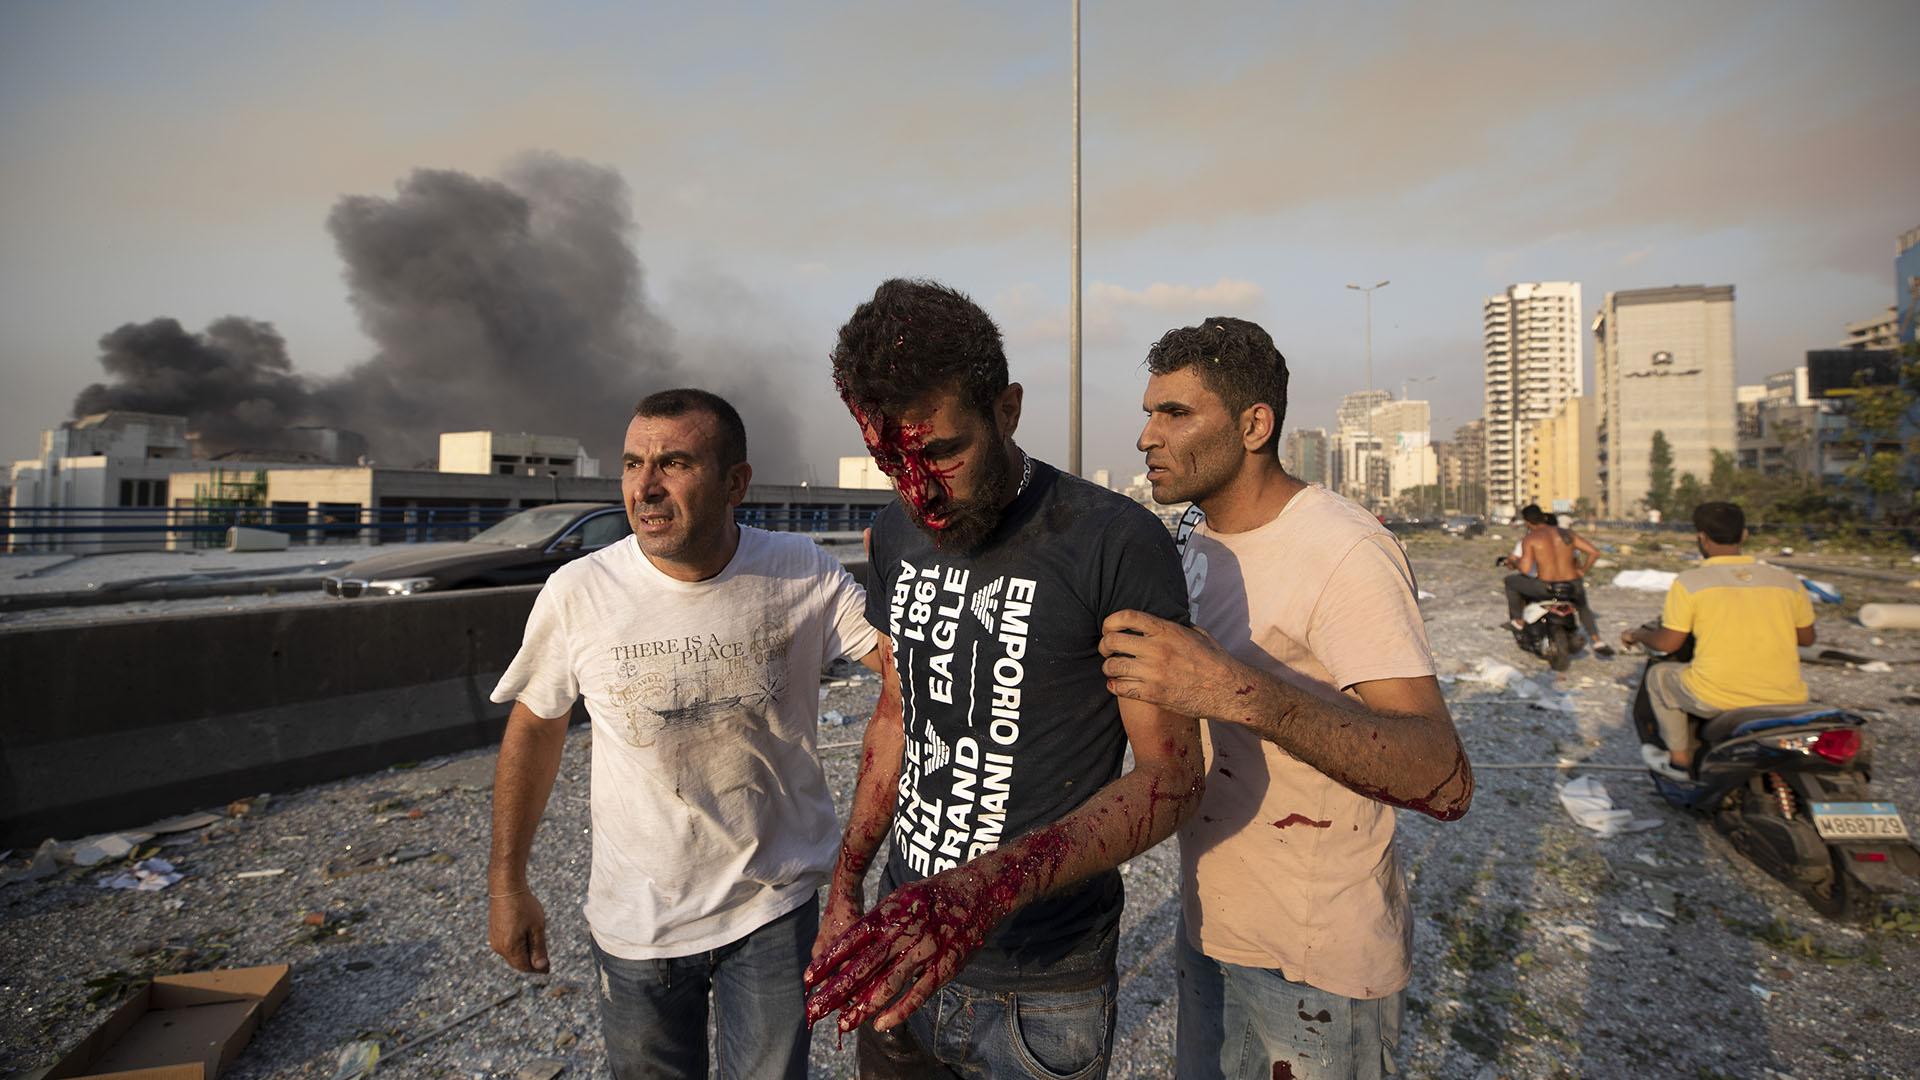 La gente ayuda a un hombre herido en la explosión en Beirut (Foto AP/ Hassan Ammar)